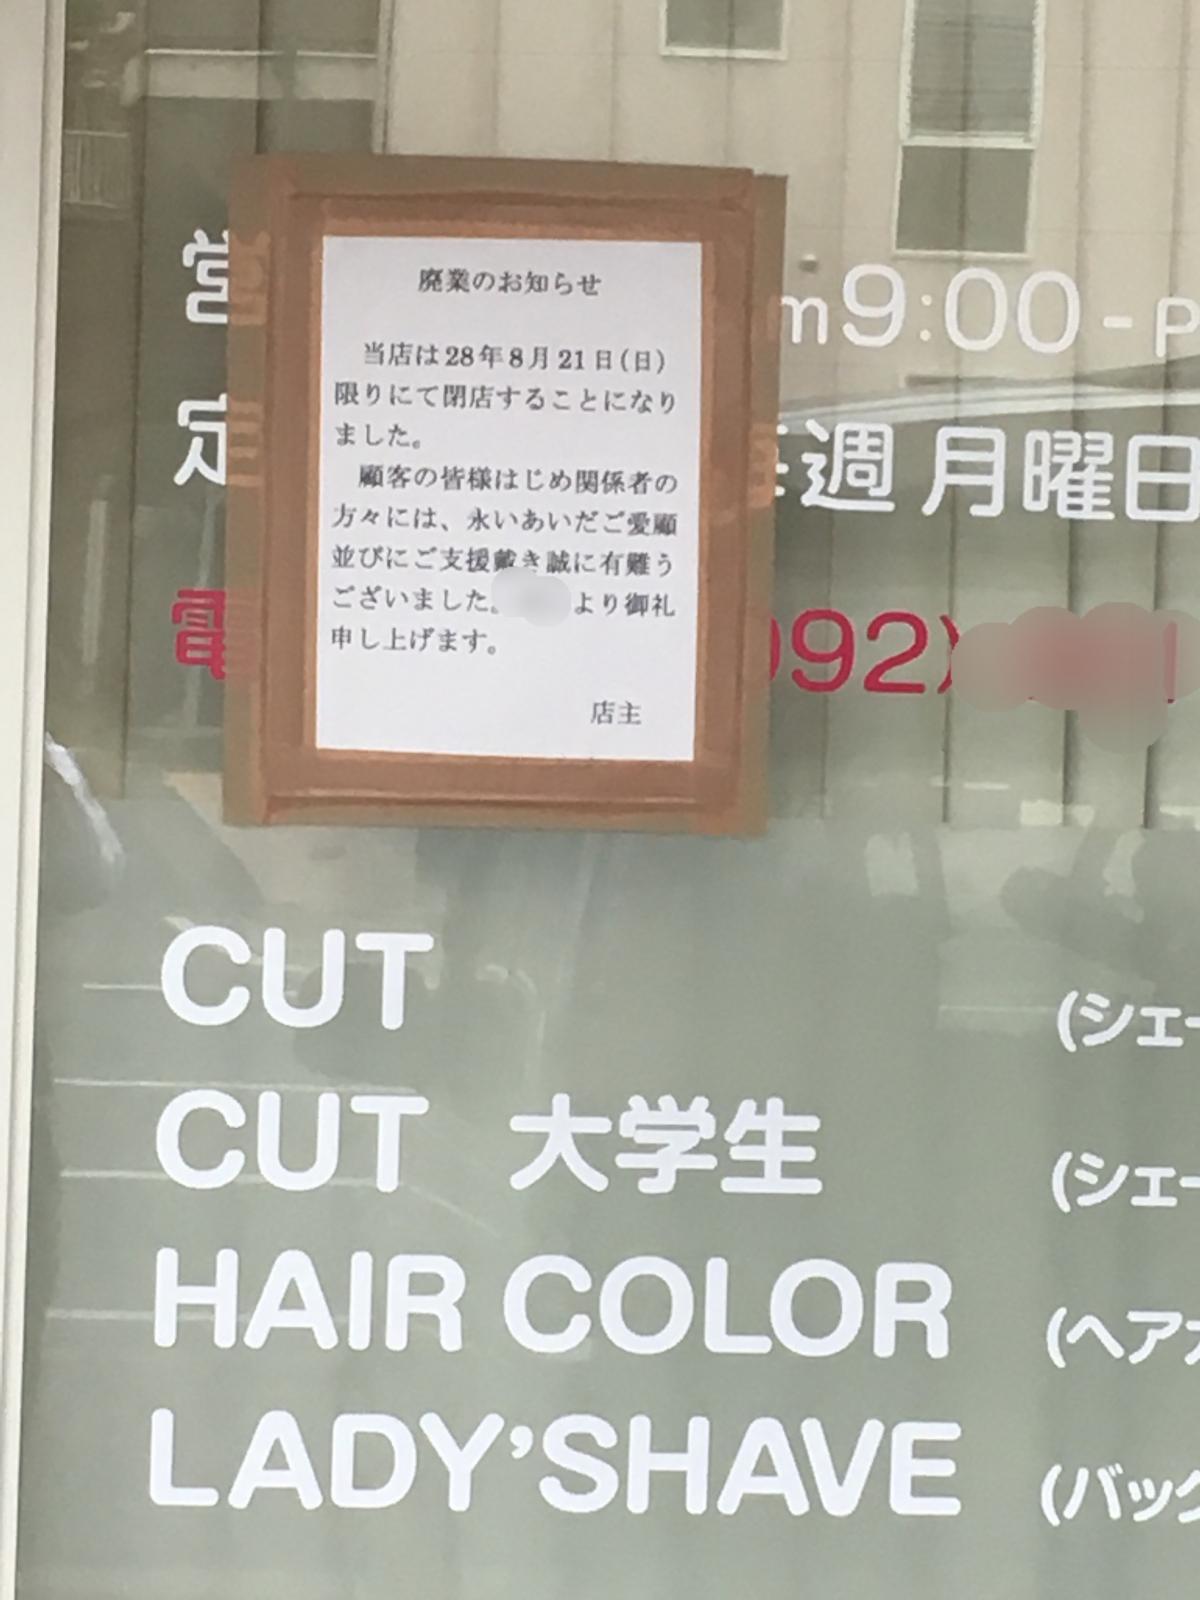 理髪店 廃業 理由